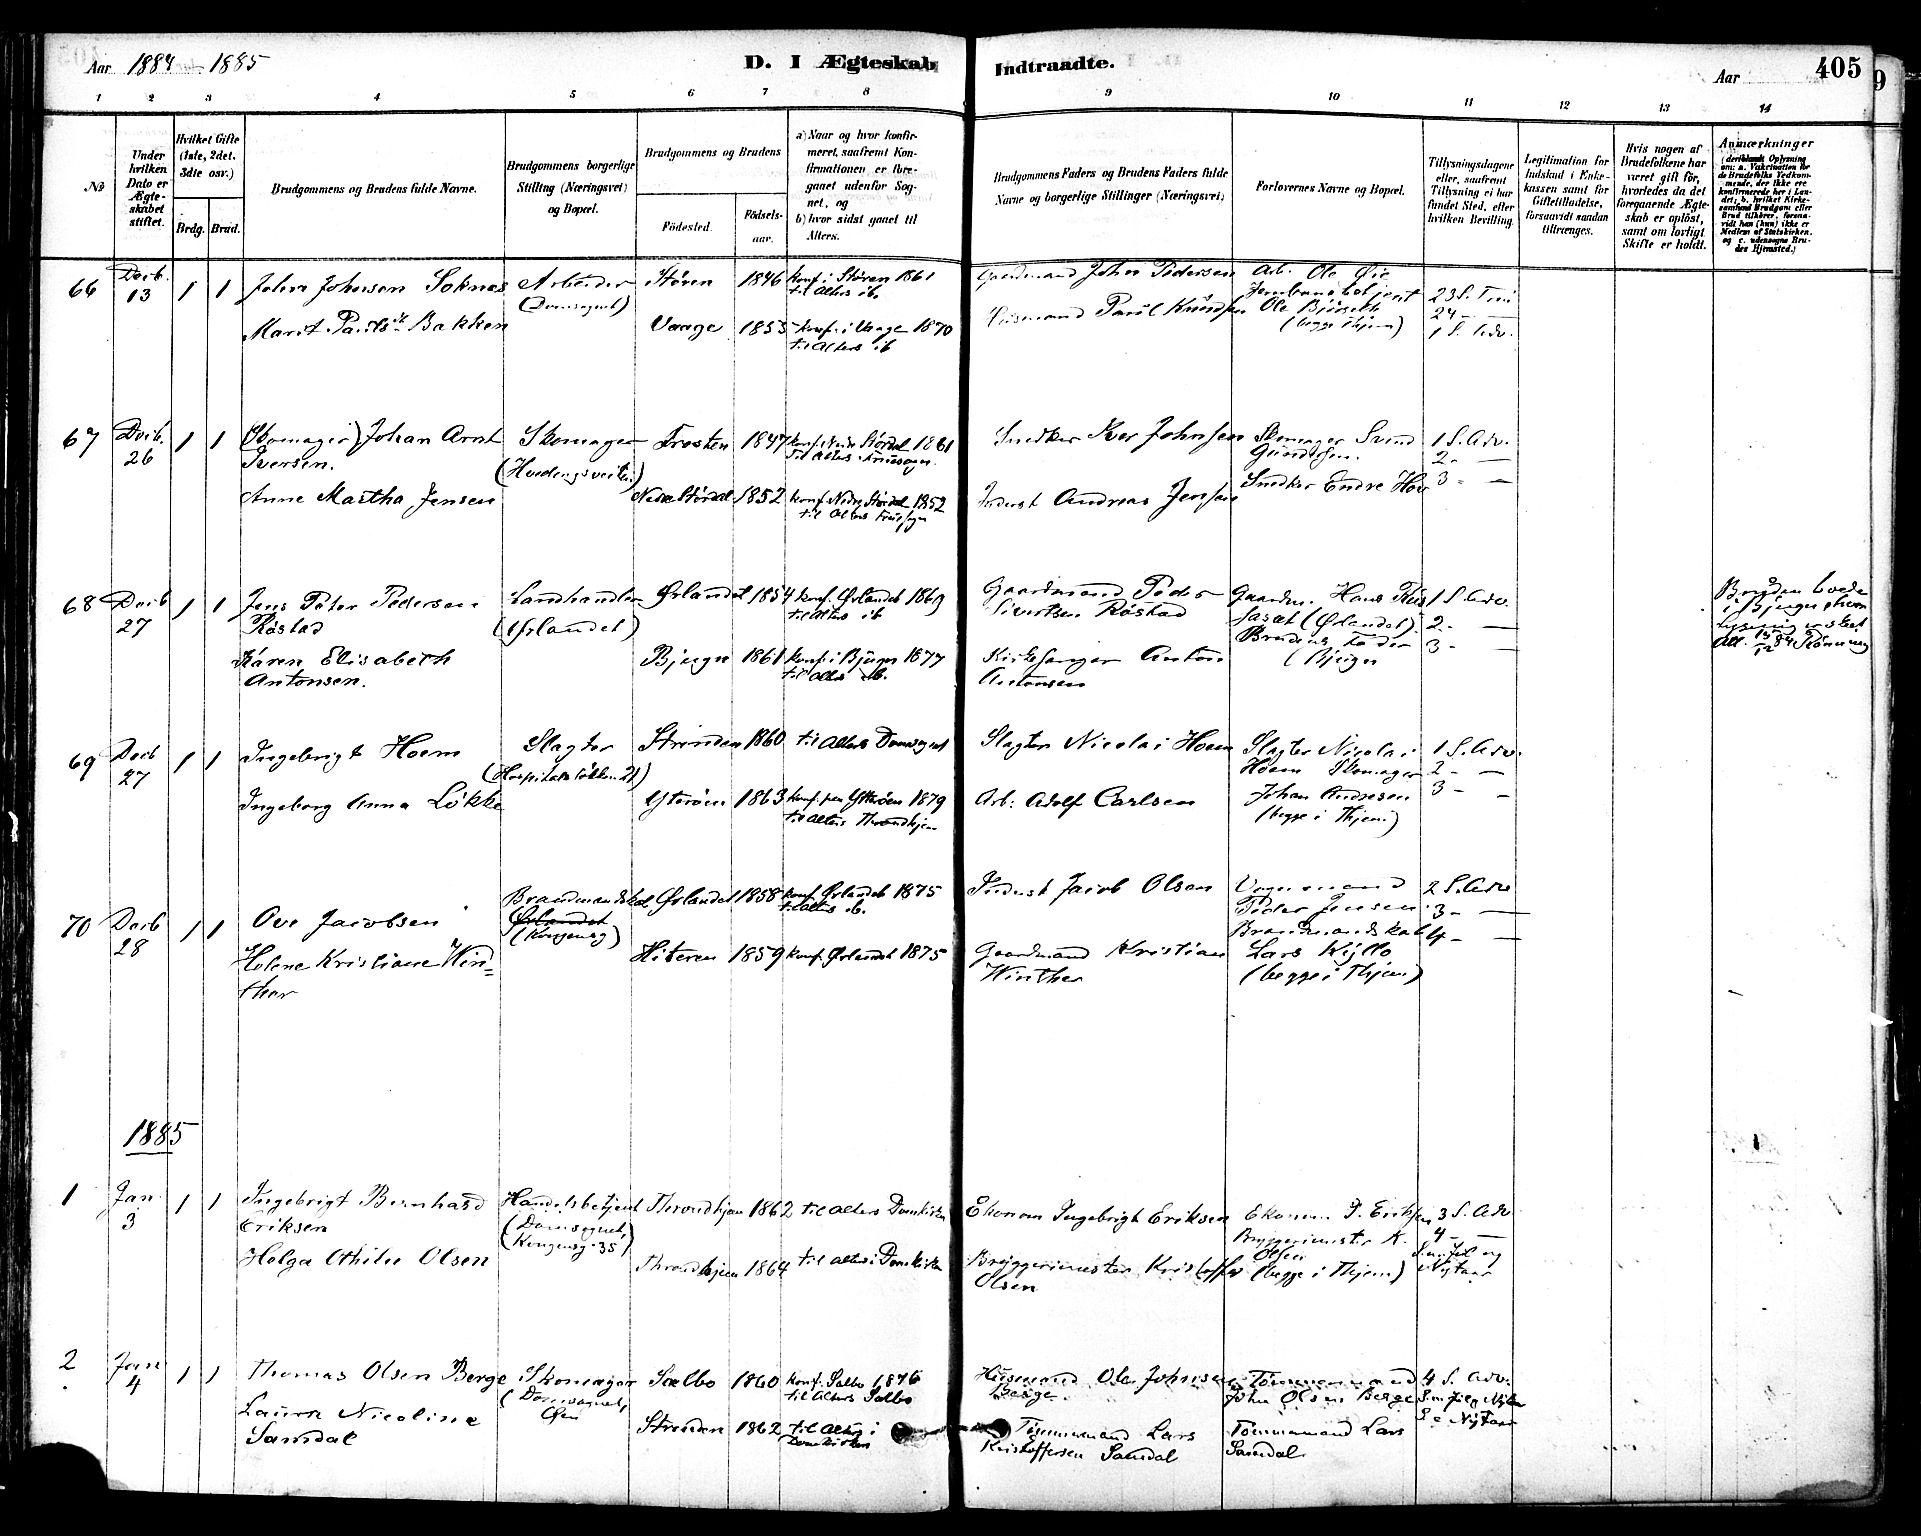 SAT, Ministerialprotokoller, klokkerbøker og fødselsregistre - Sør-Trøndelag, 601/L0058: Ministerialbok nr. 601A26, 1877-1891, s. 405